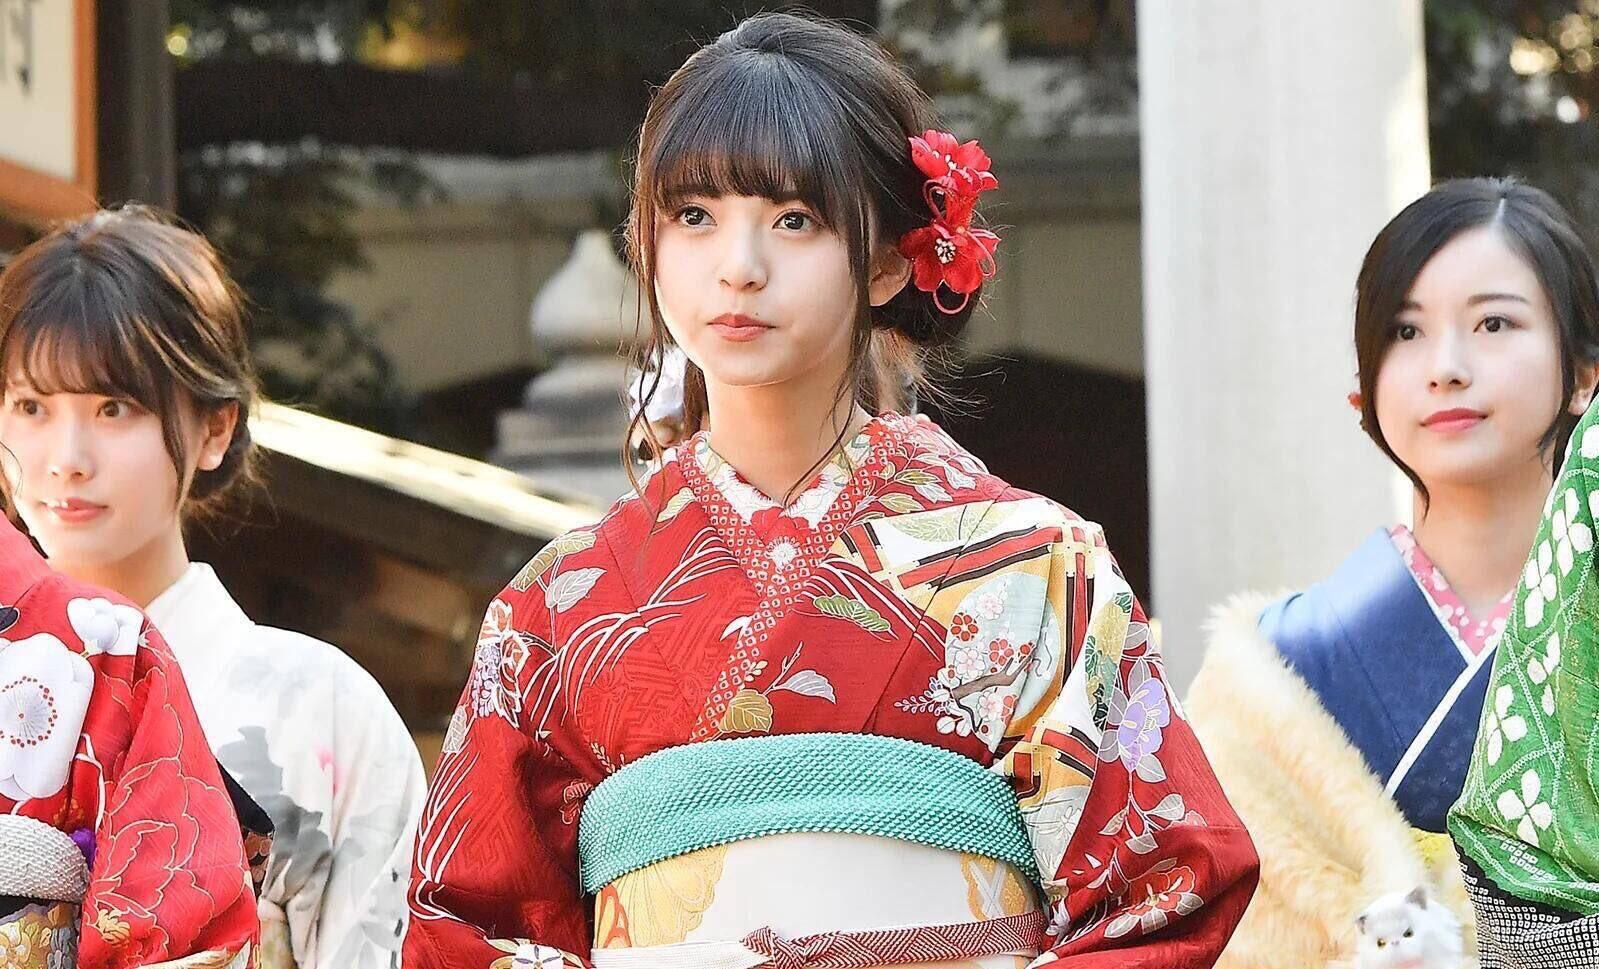 saitou_asuka015.jpg